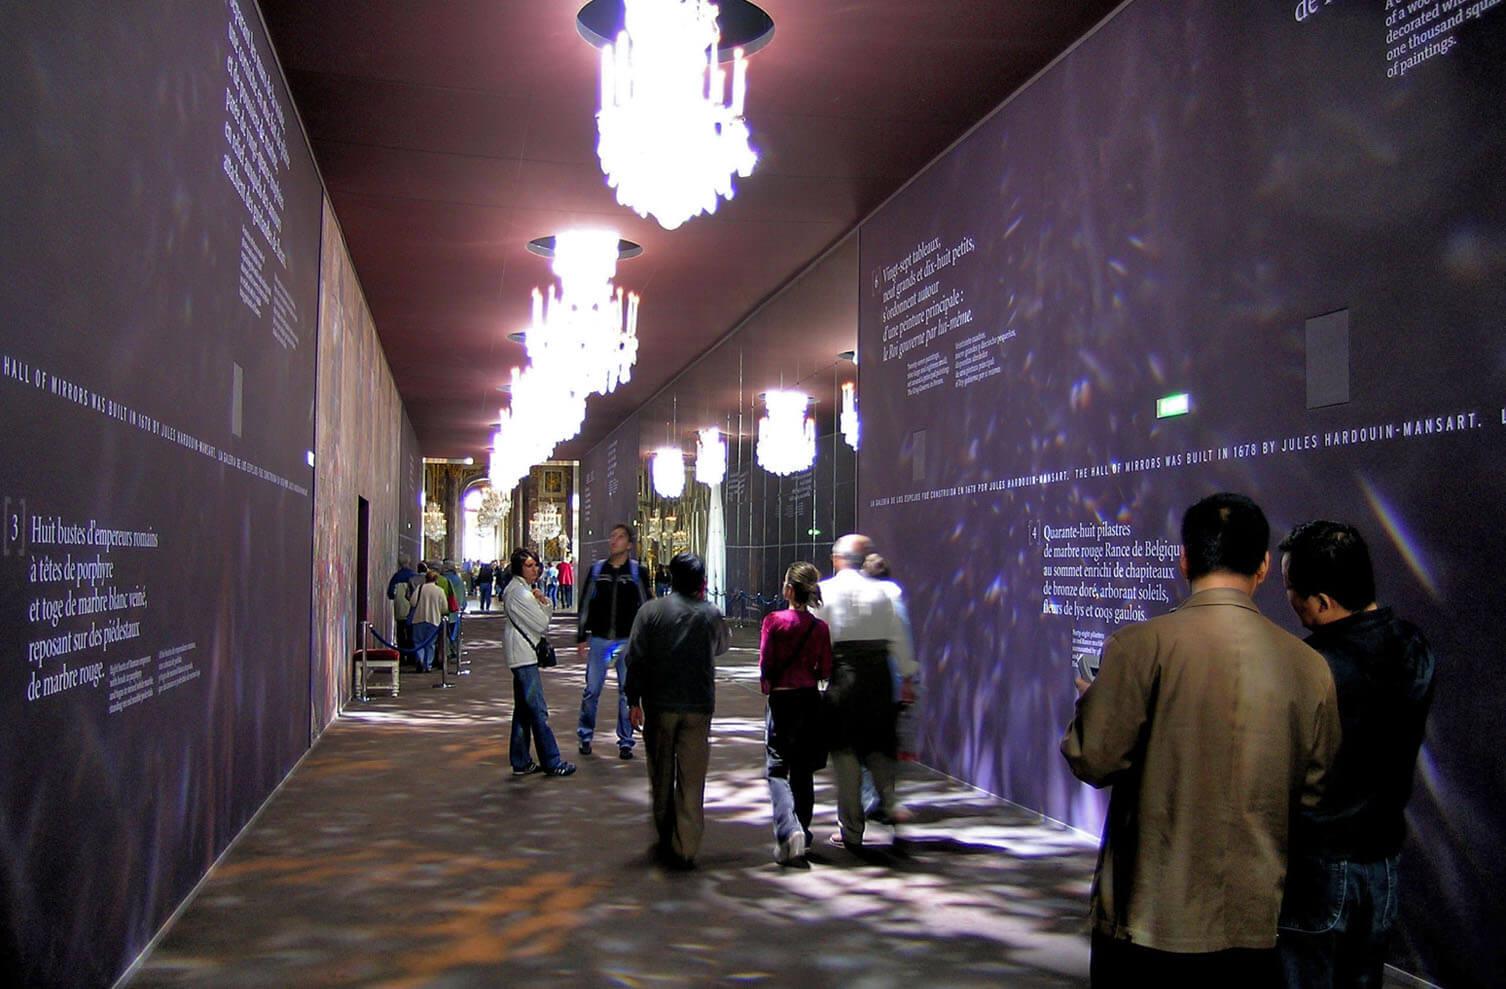 Image Galerie des Glaces 4